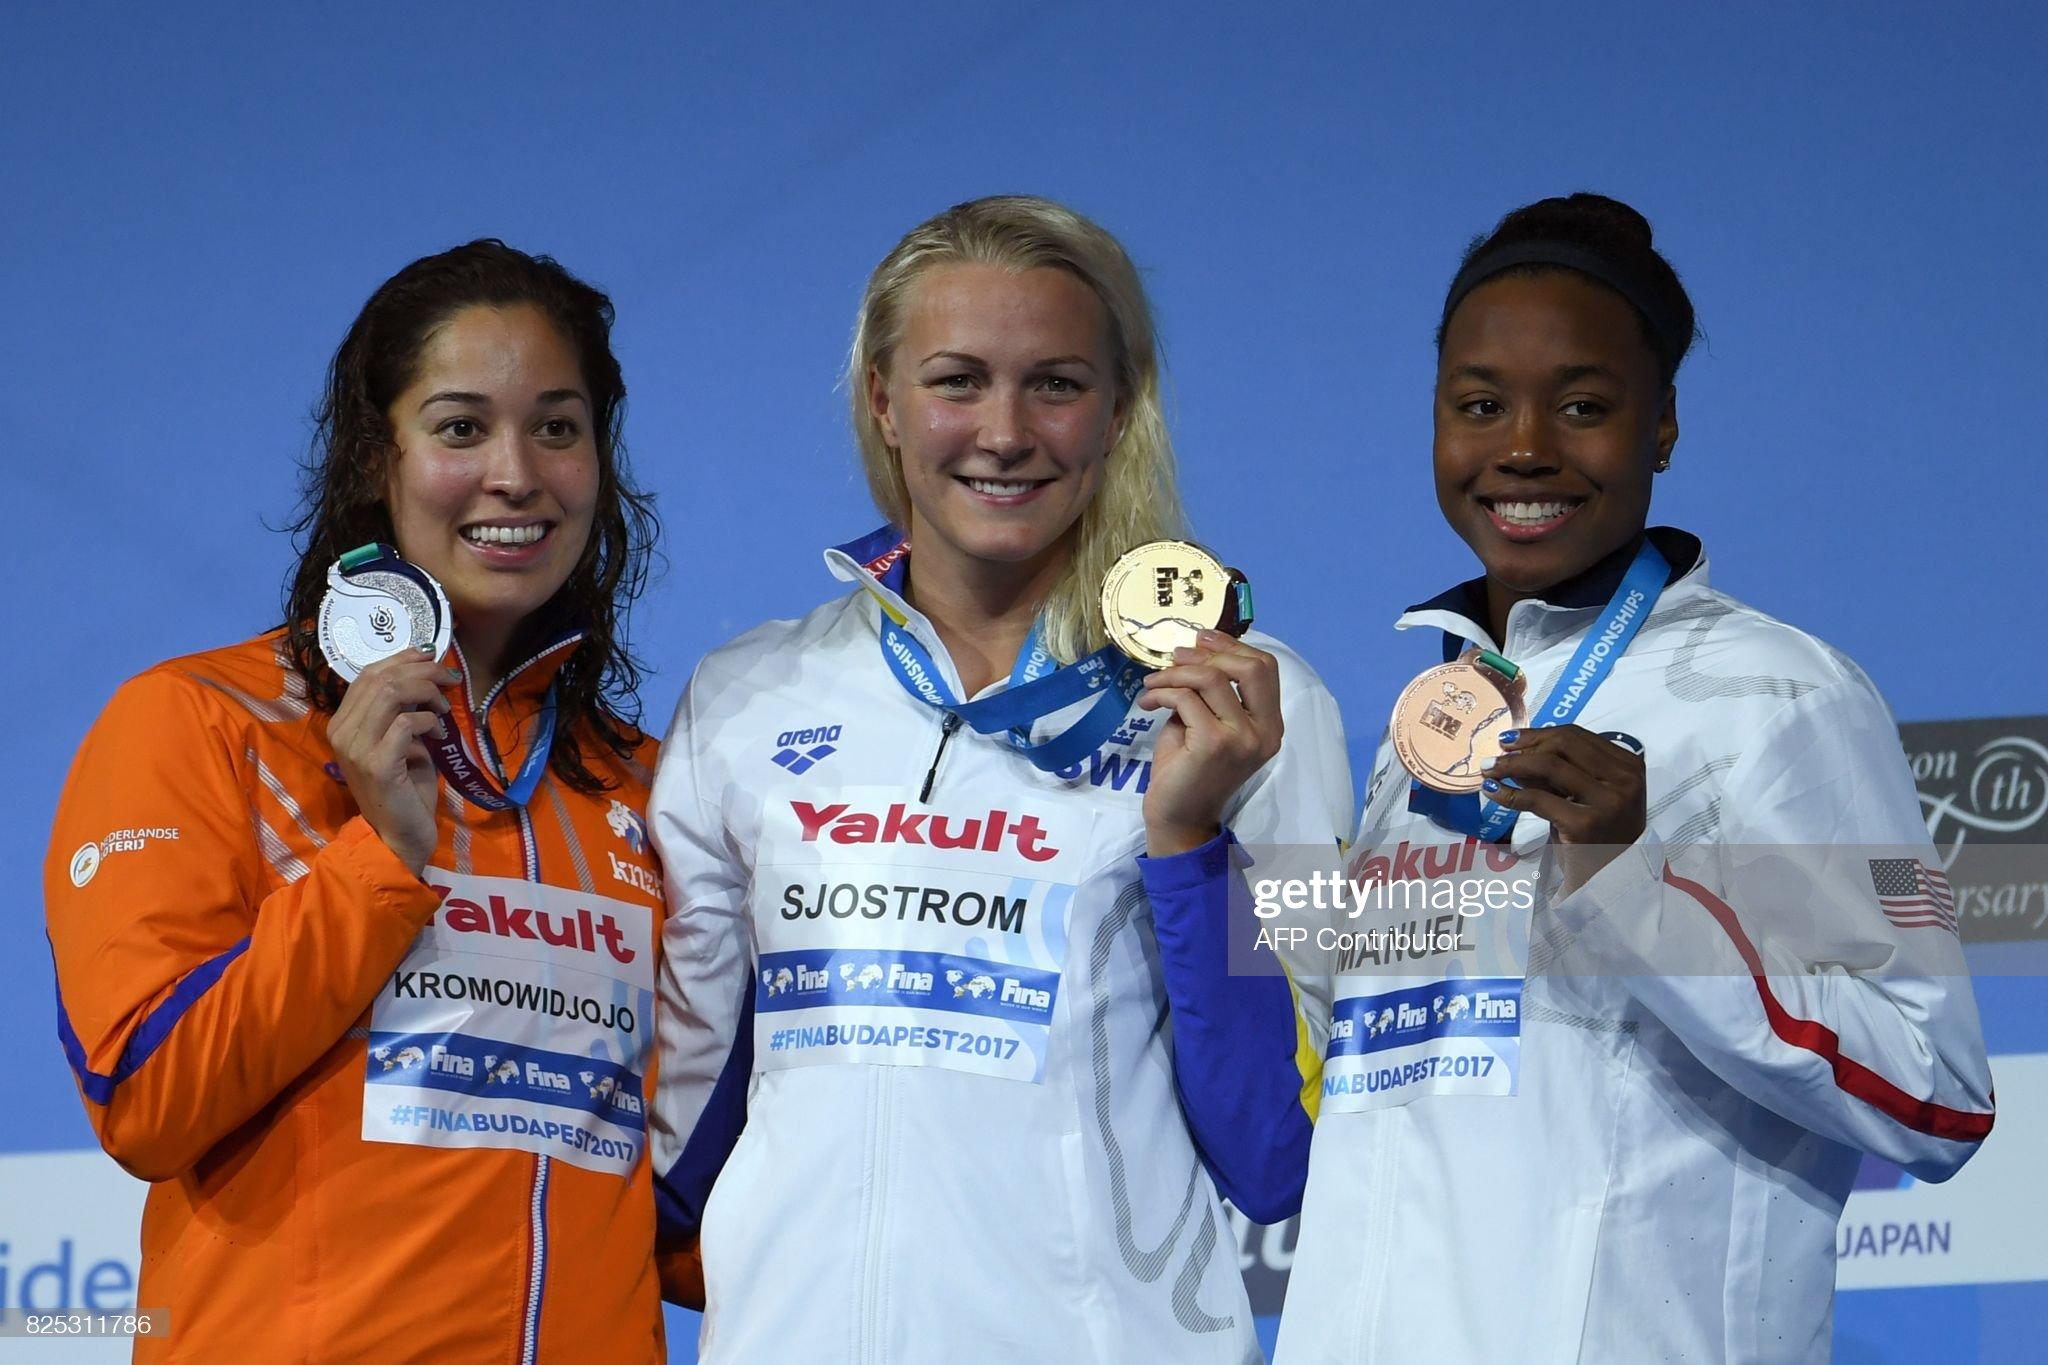 El muñeco no engaña - (Ley del muñeco) - Página 7 Silver-medalist-netherlands-ranomi-kromowidjojo-gold-medalist-swedens-picture-id825311786?s=2048x2048